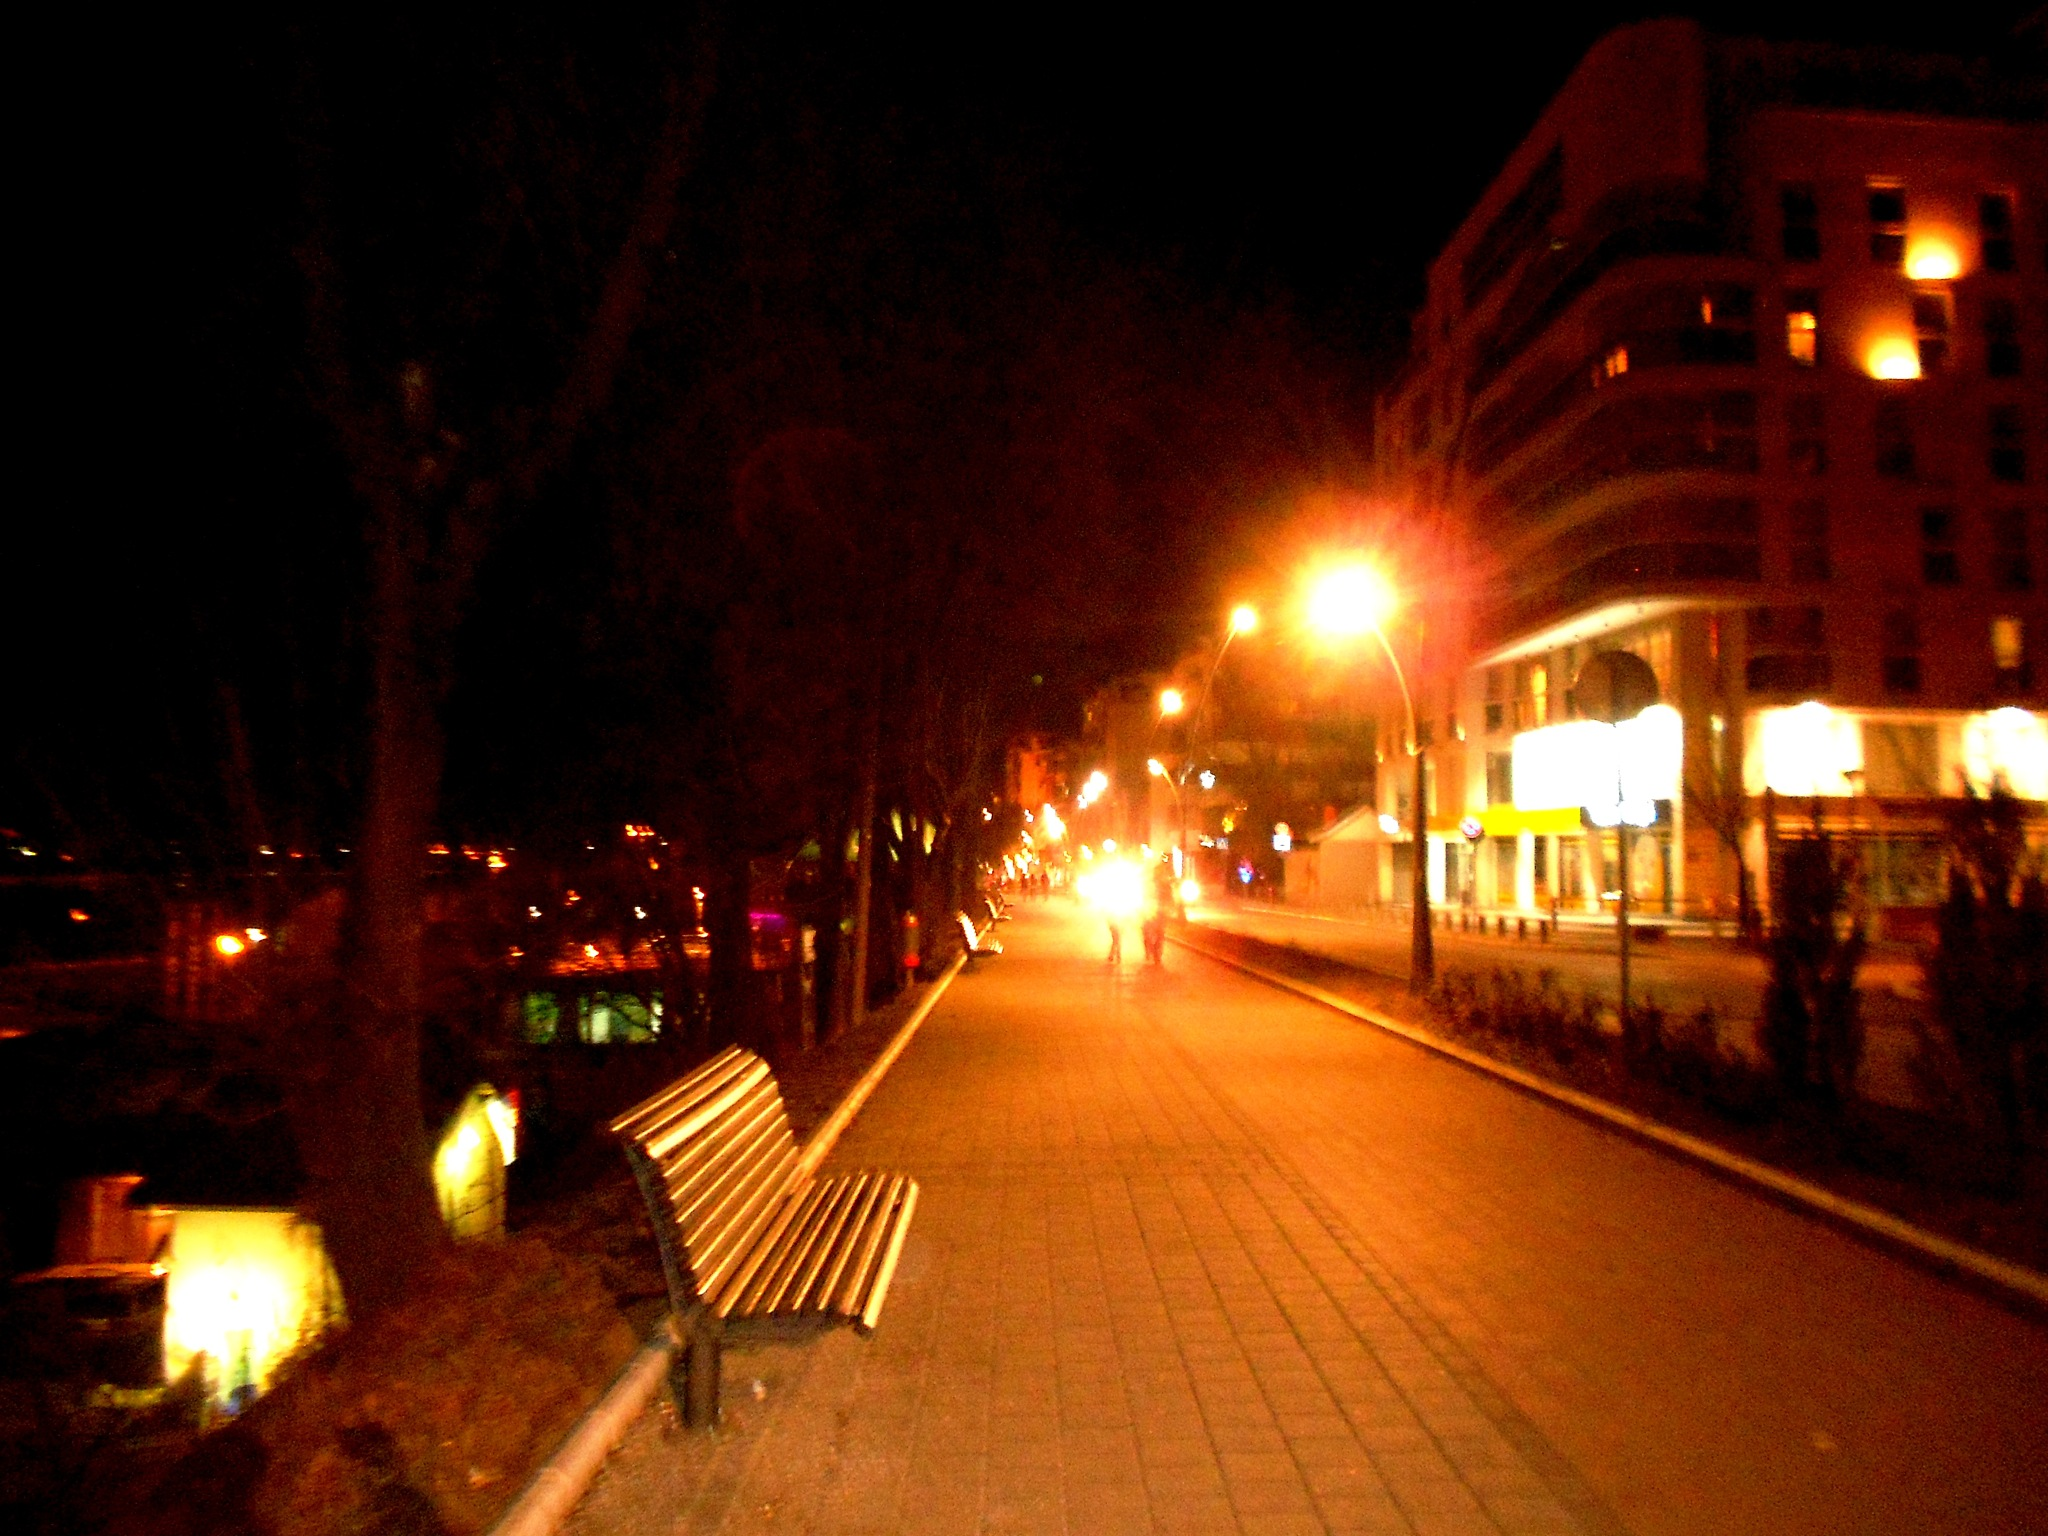 By the river  by biljanapetrovic1048